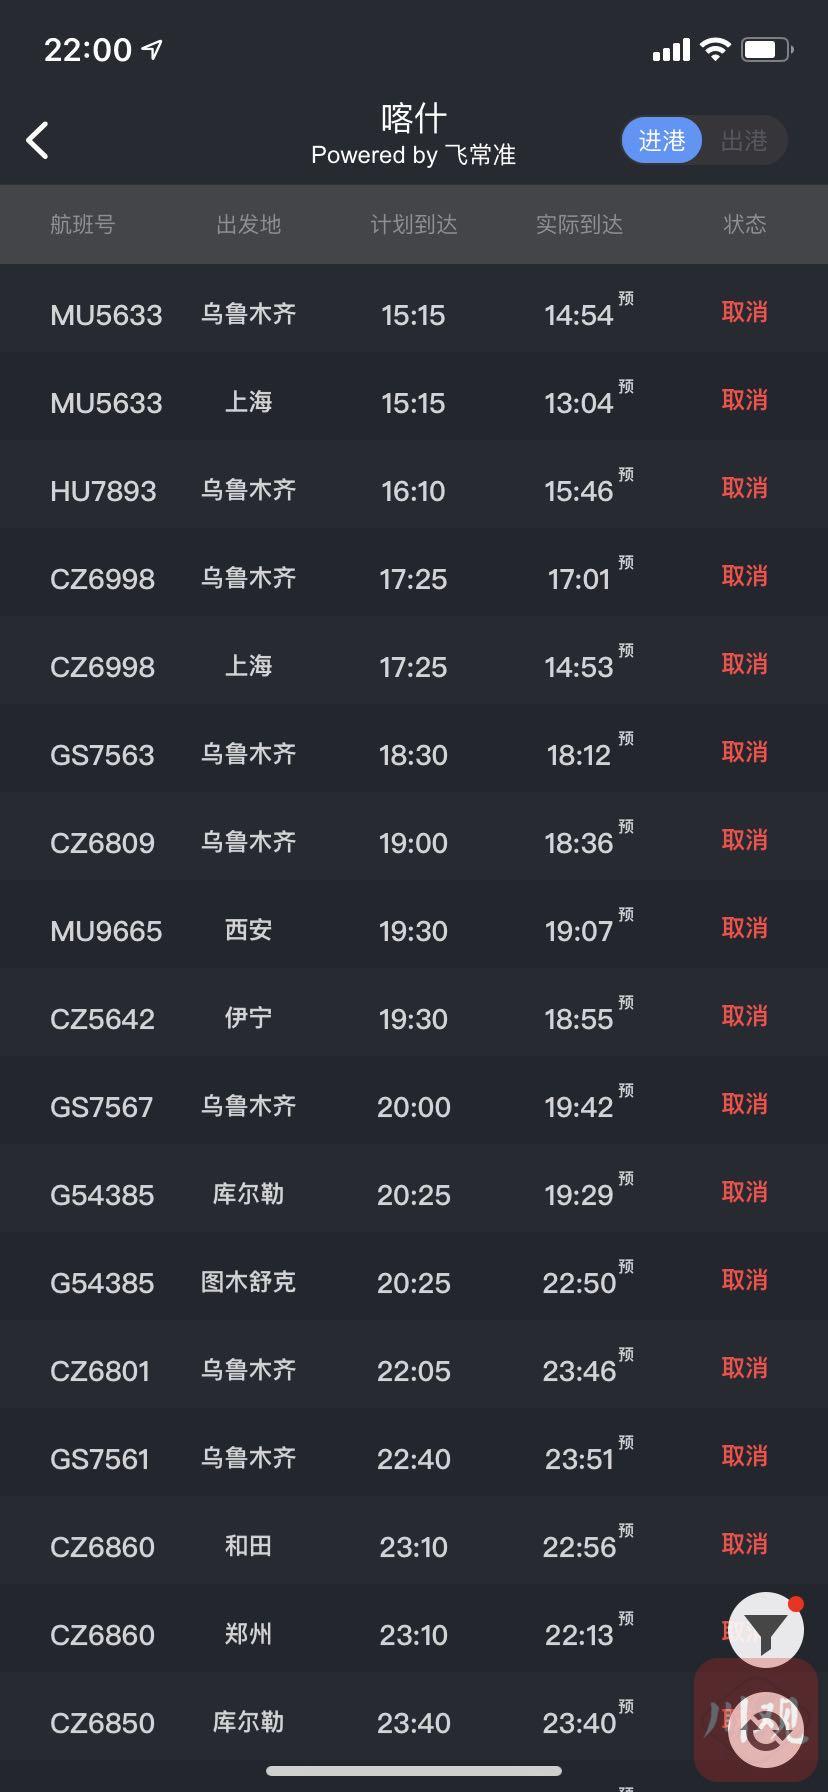 【迪士尼彩乐邀请码12340】_喀什机场今天45%航班取消 成都明天飞喀什航班异常